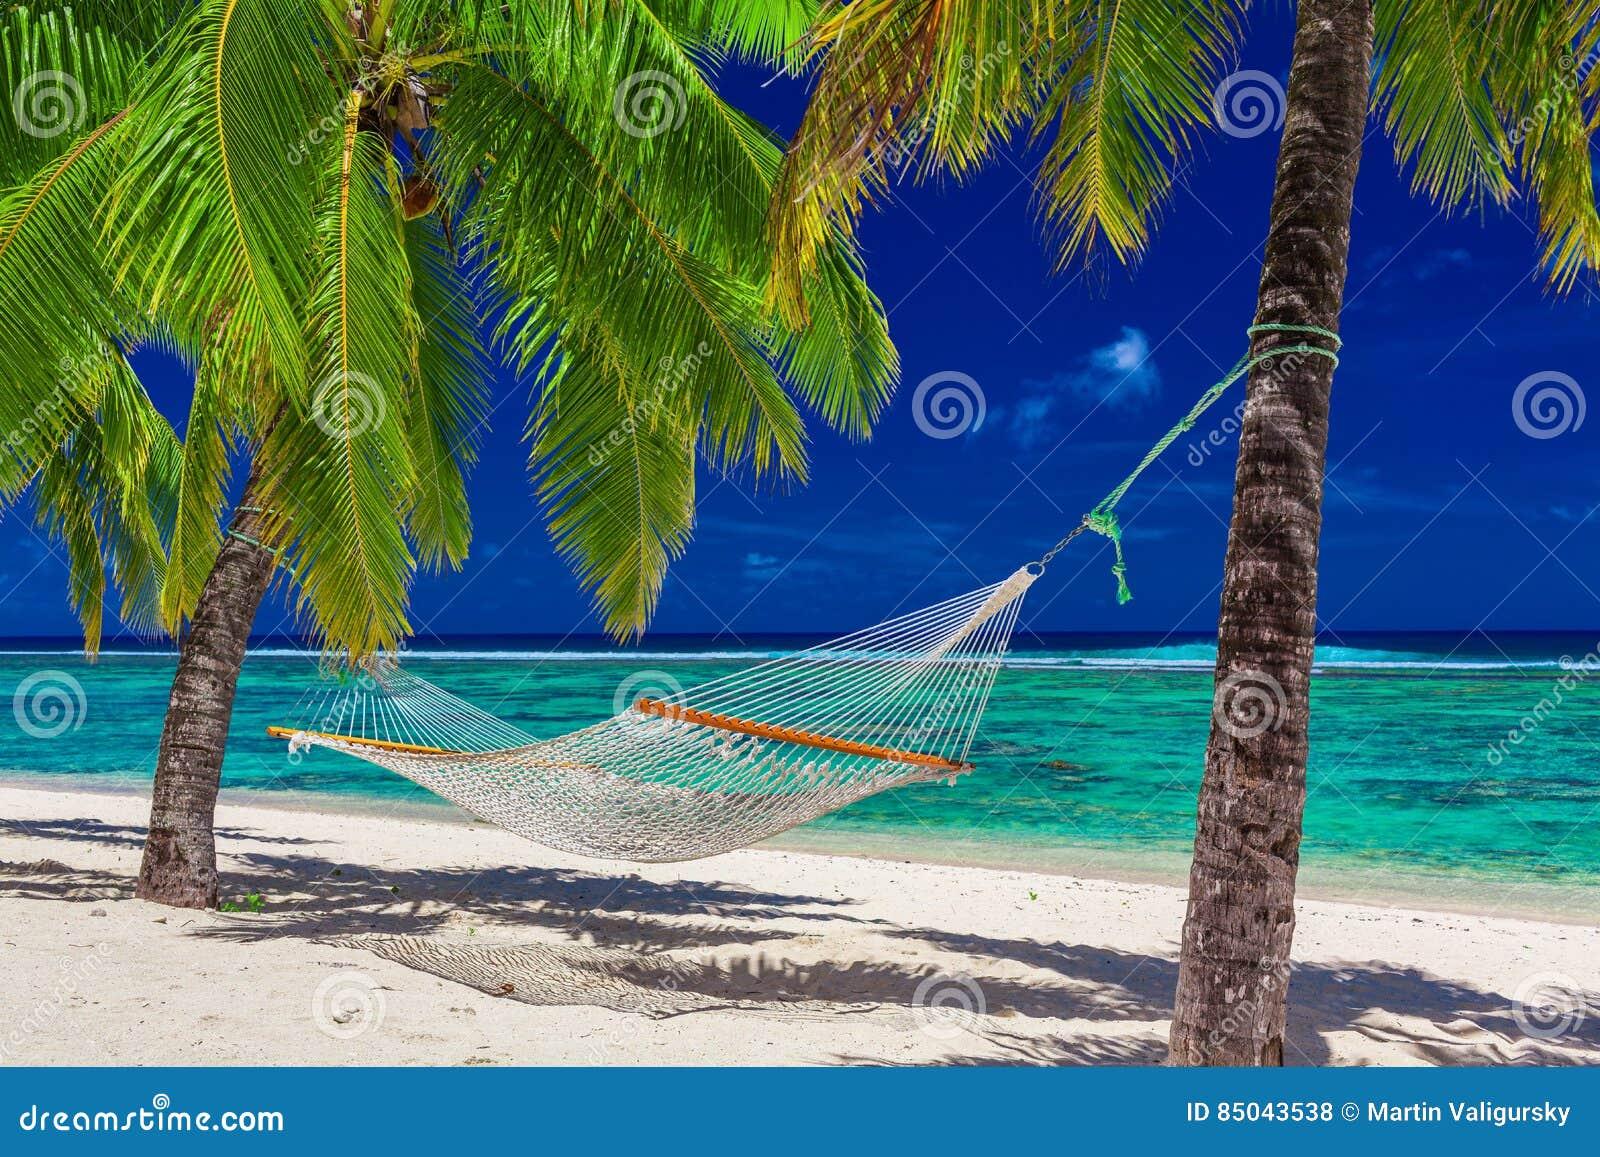 Hängematte zwischen Palmen auf tropischem Strand von Rarotonga, Koch